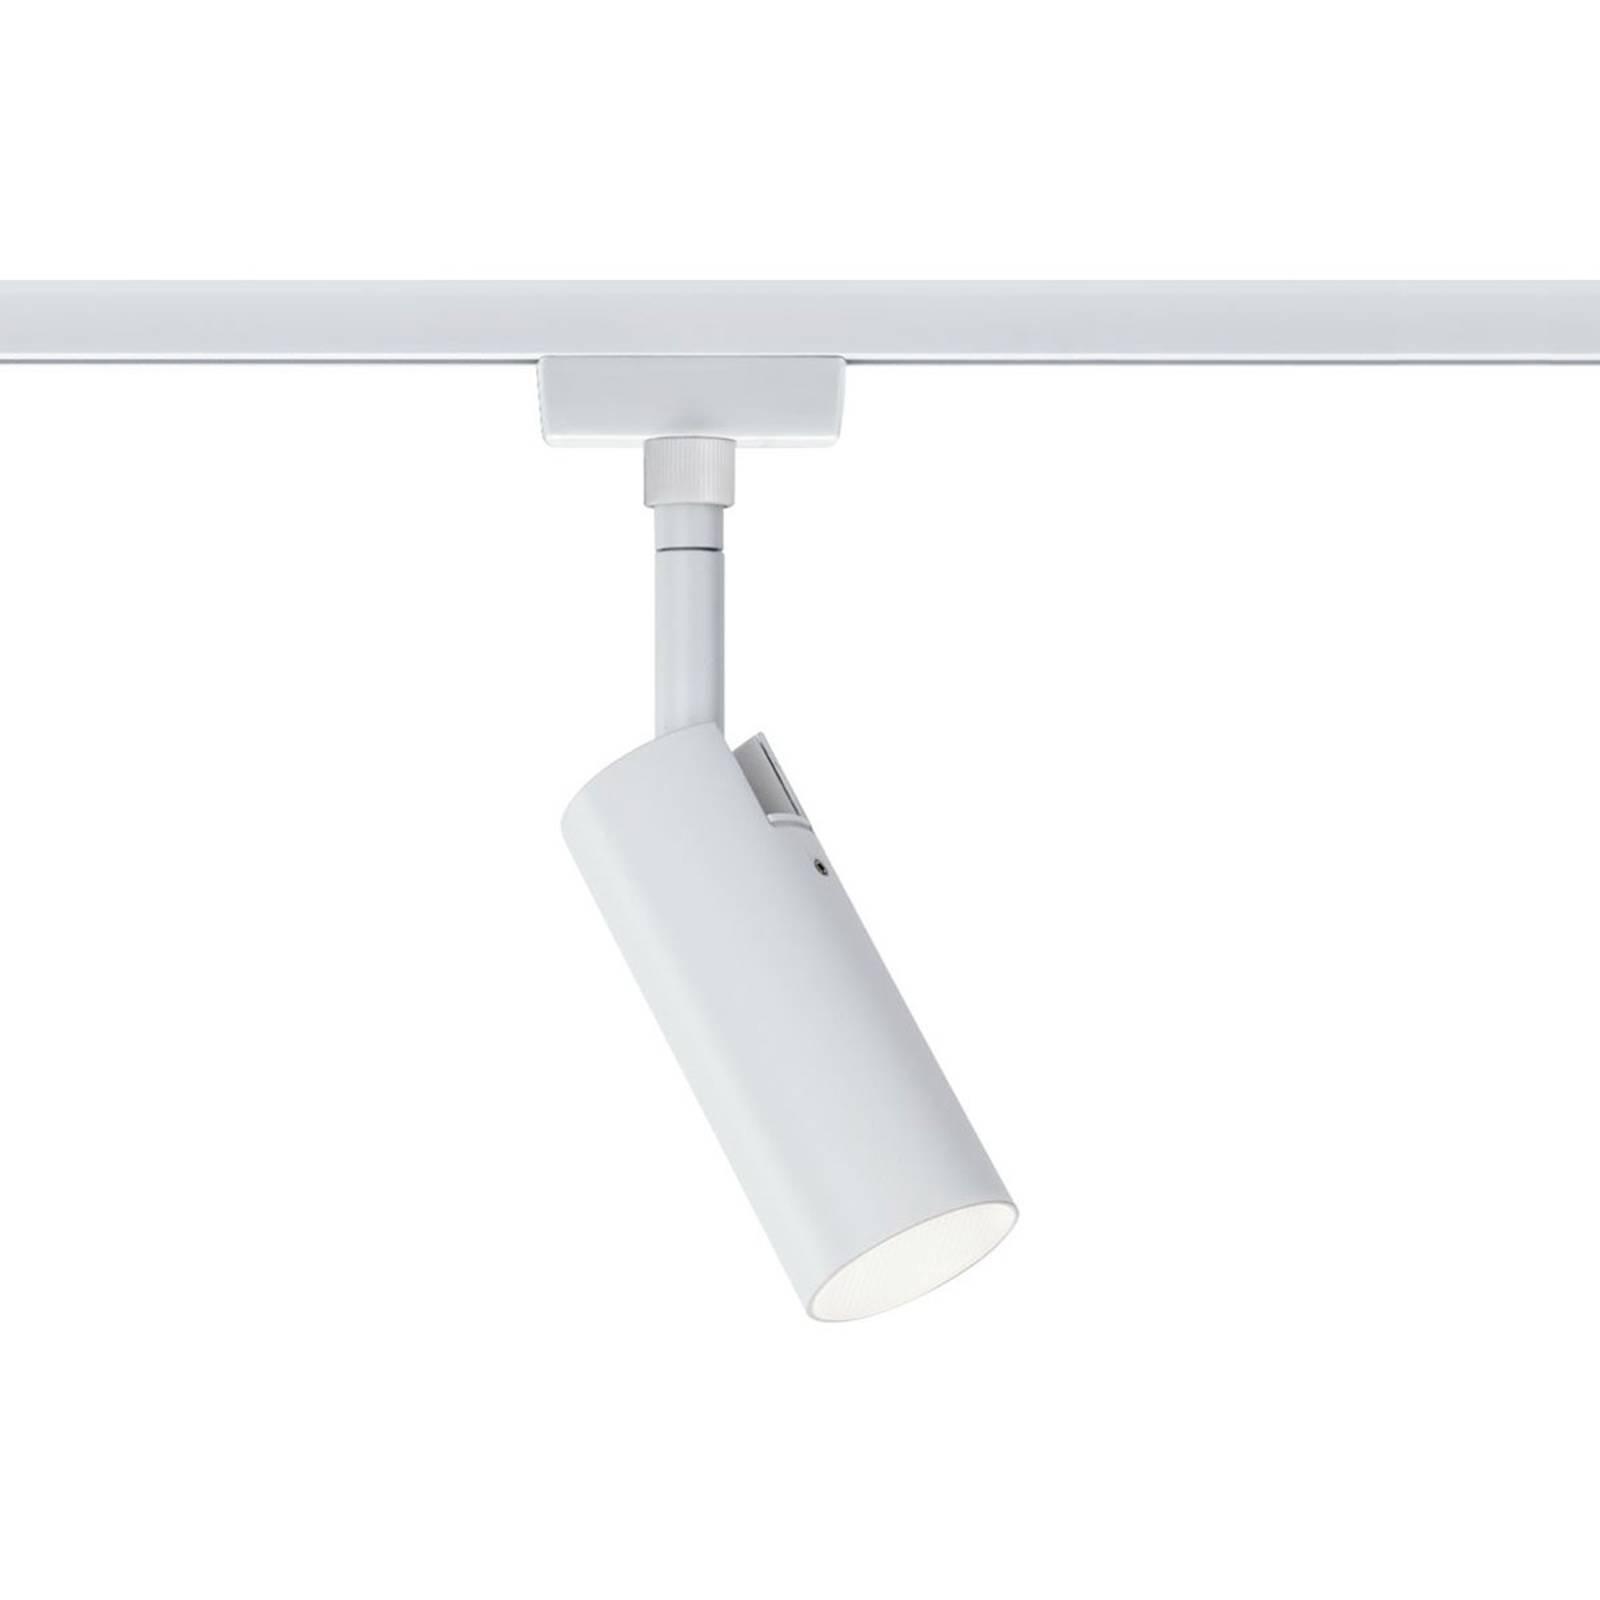 Paulmann URail Tubo LED-spotti, valkoinen